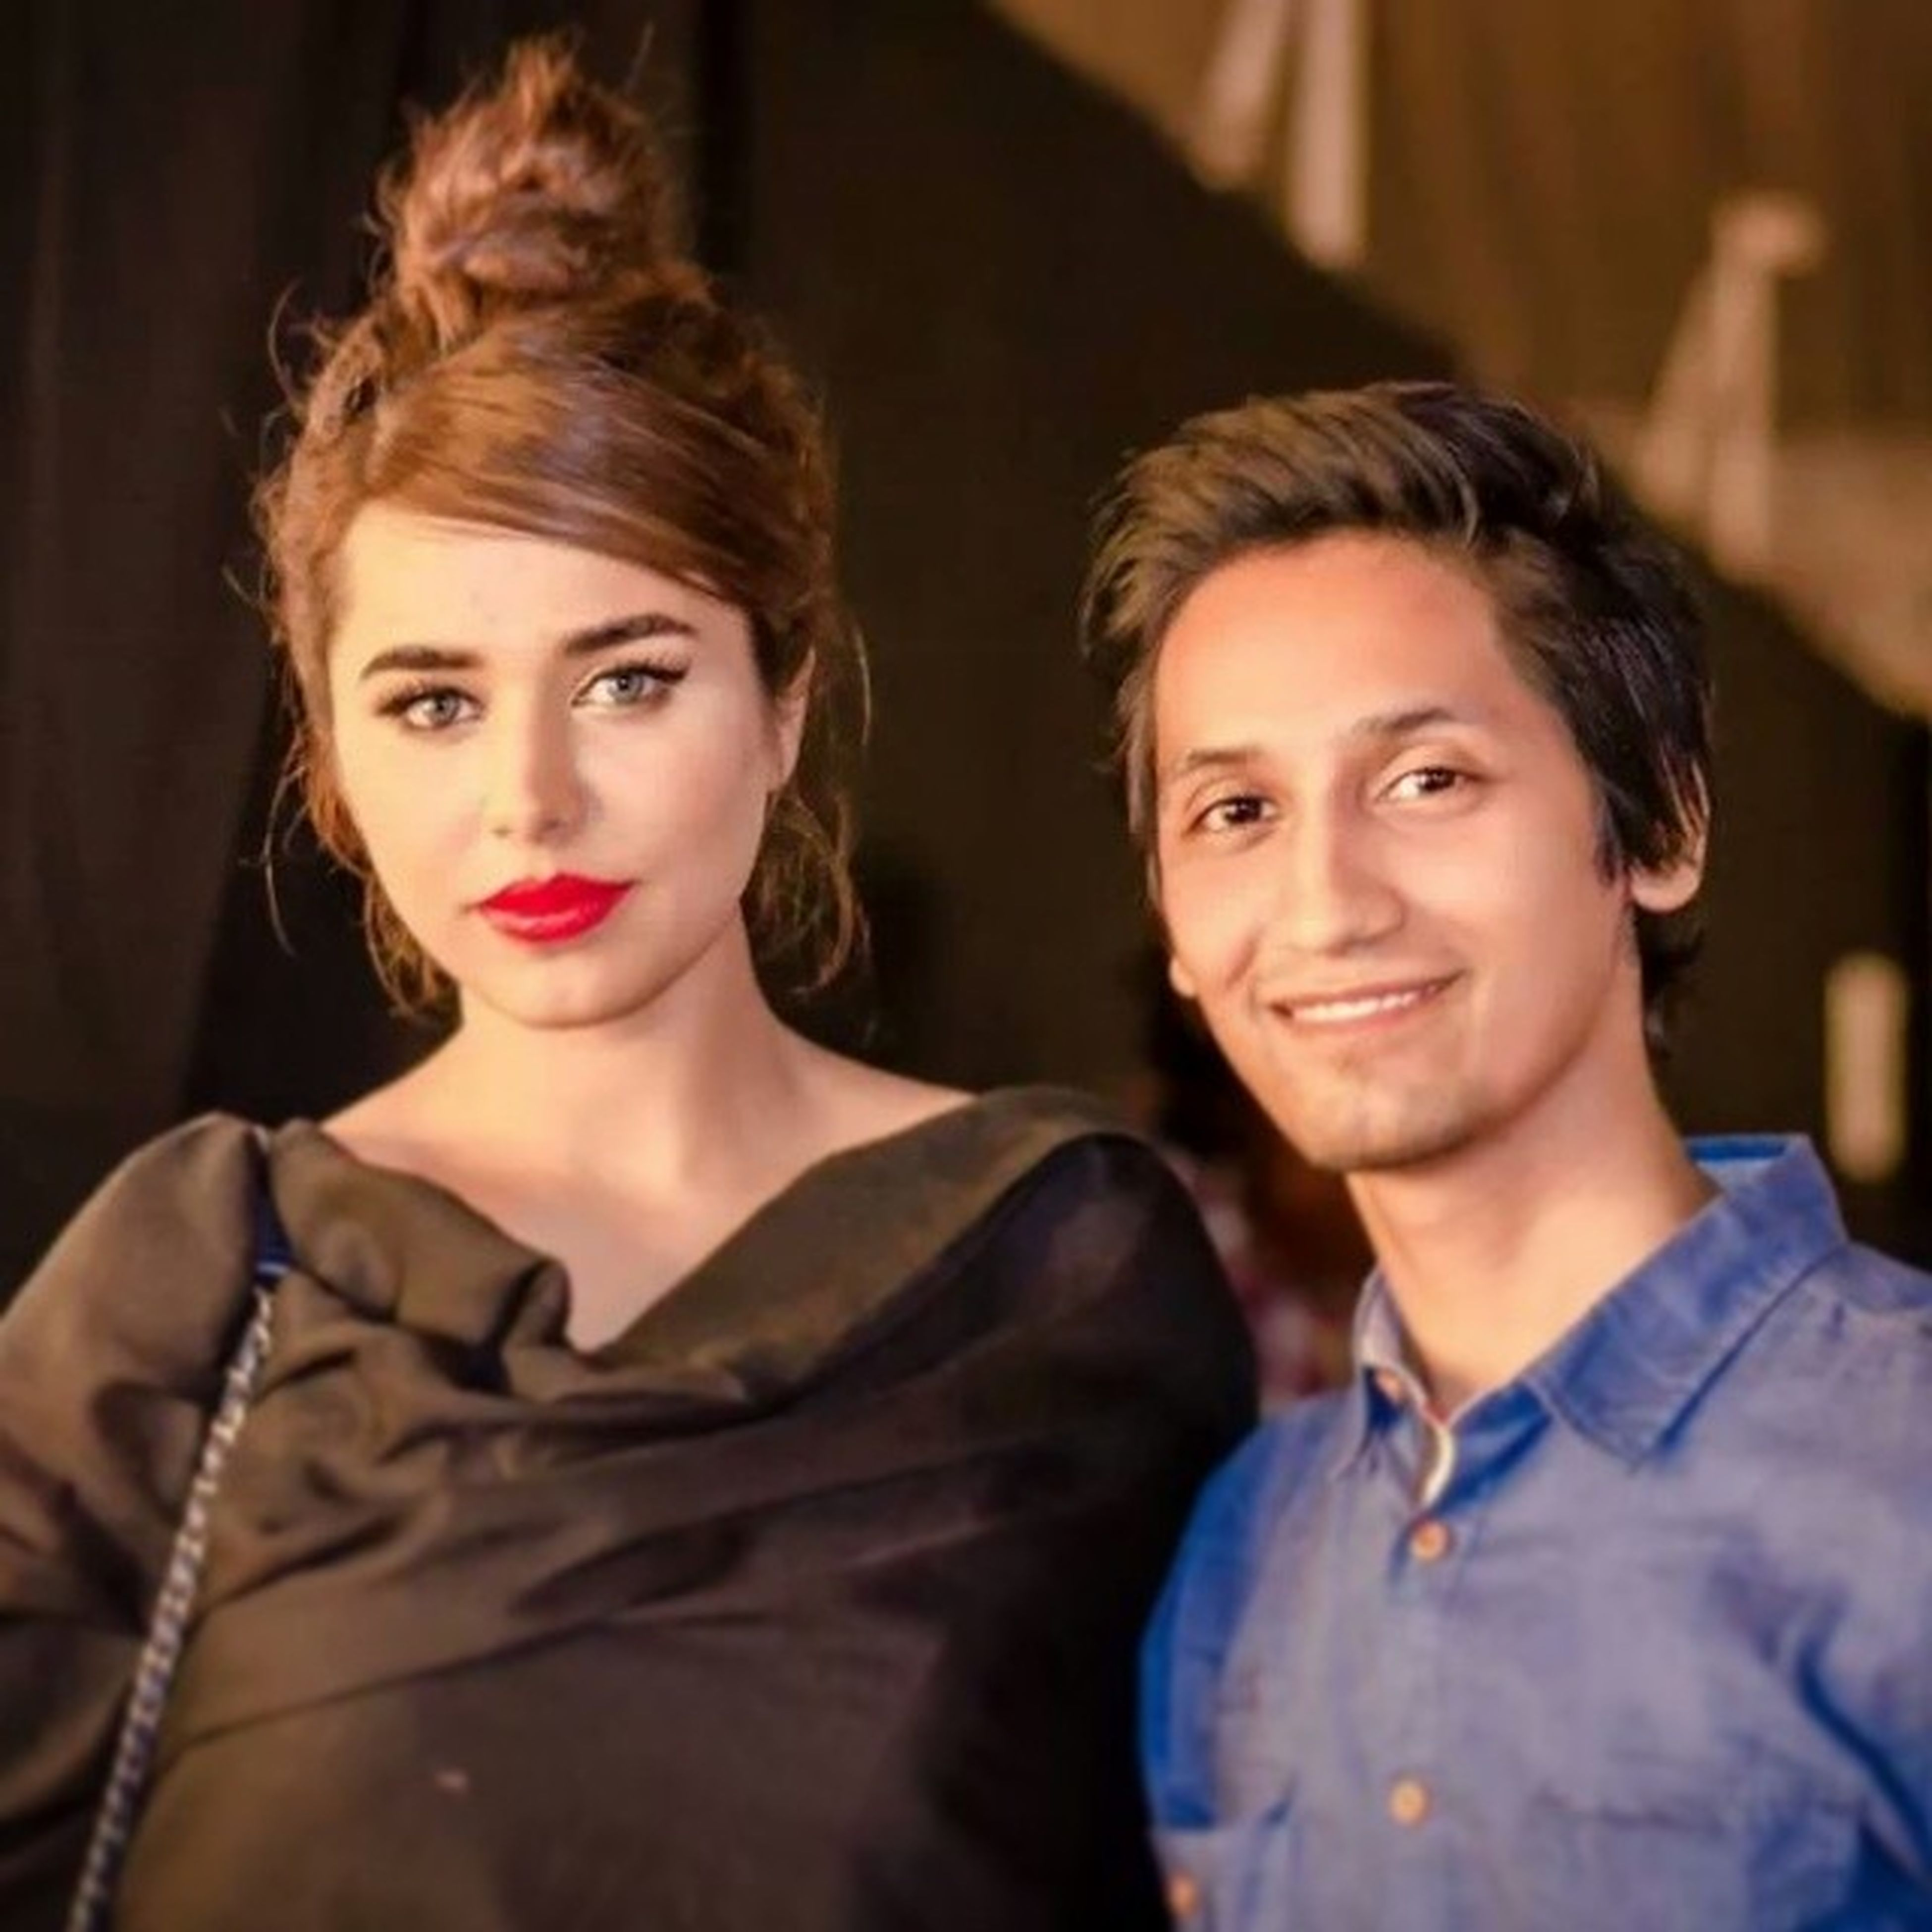 Backstage Ayyanali model Fpw2014 humtv pchotel fashion celeb fun photography